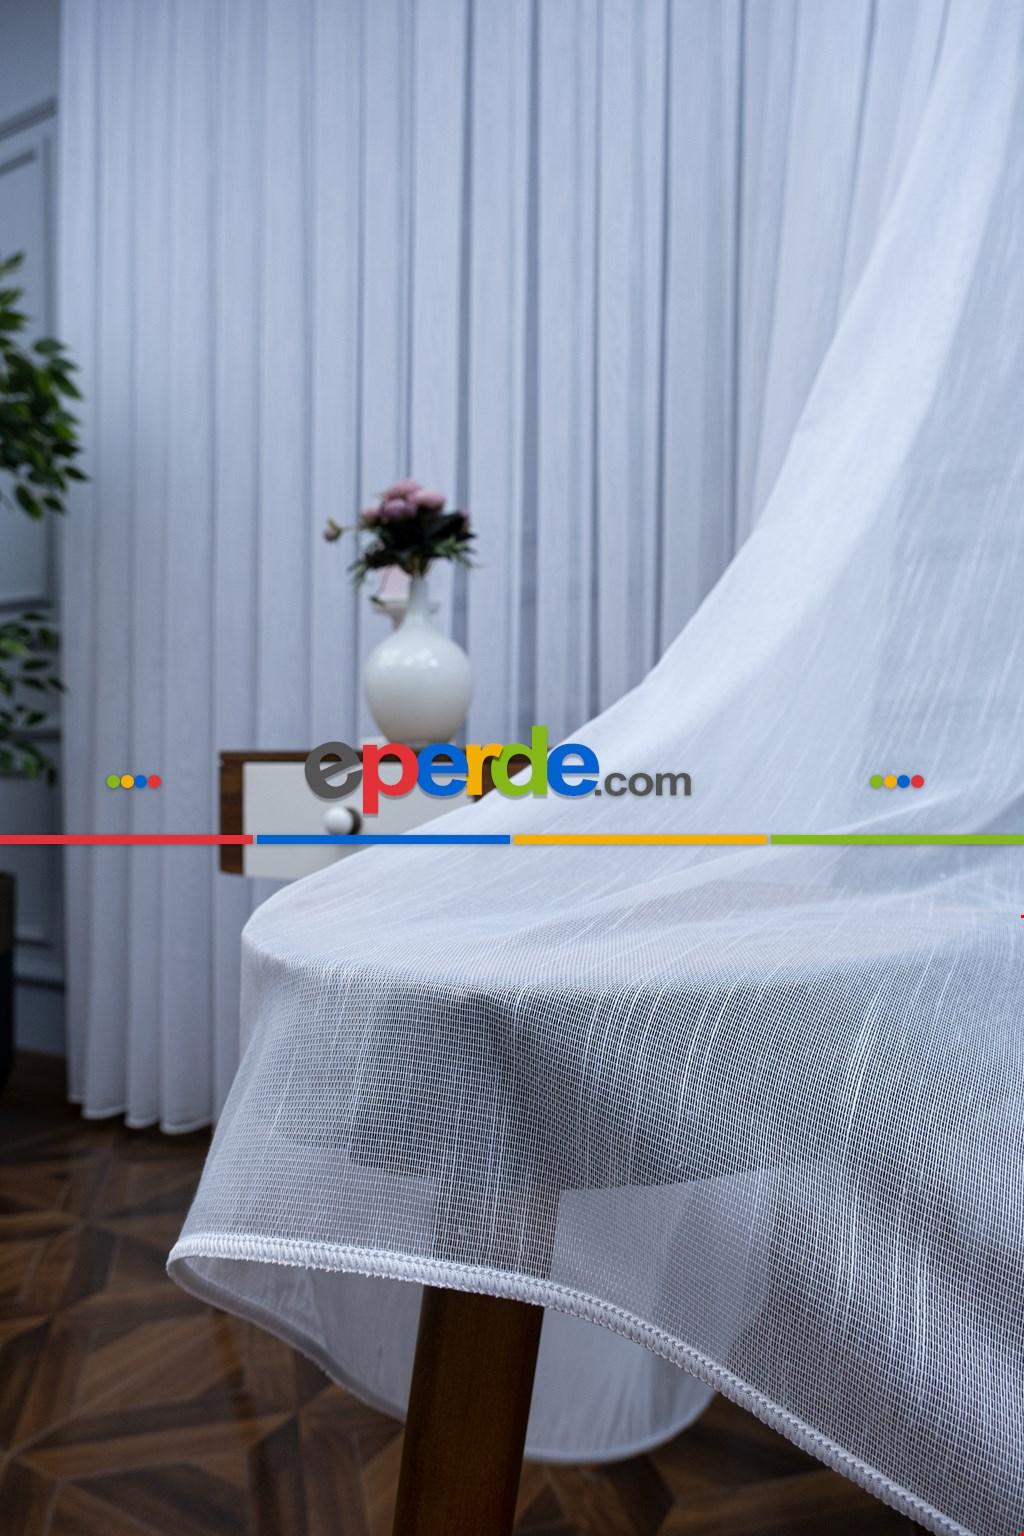 Salon Beyaz Tül Perde - 2264-v01- Beyaz